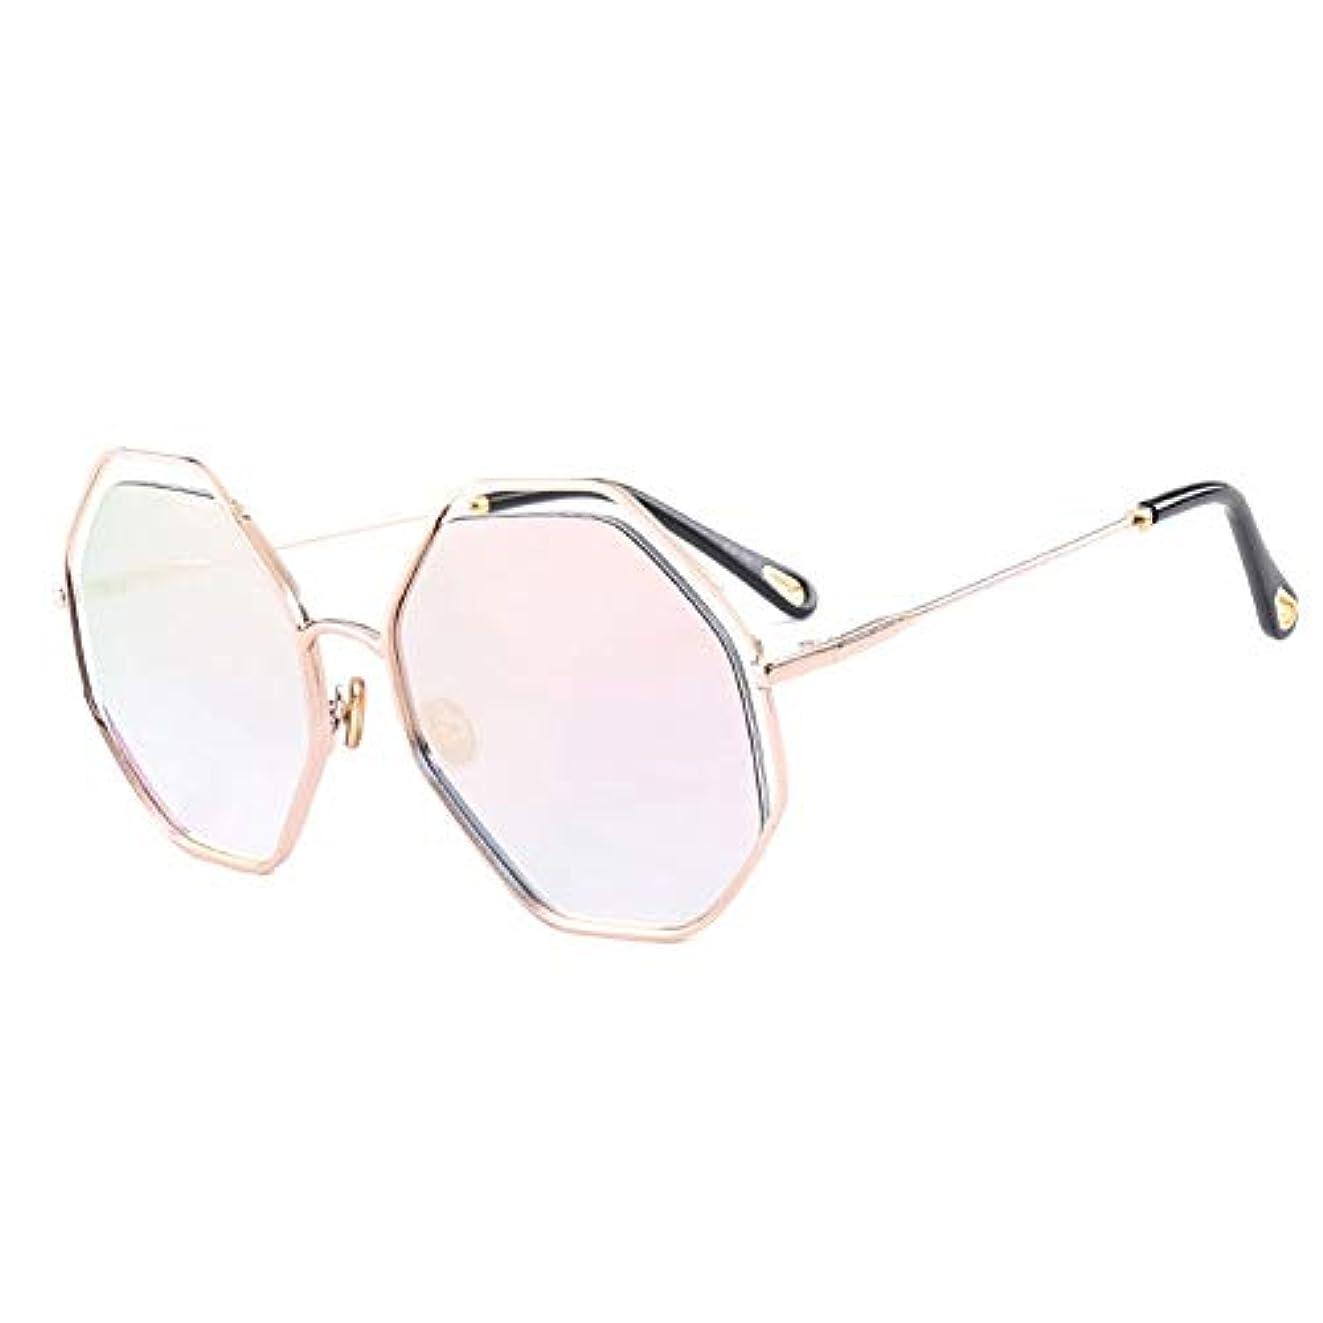 調停者入植者絶望的なサングラスの女性の丸い顔のアンチUVメガネは、さまざまな種類の顔に適した運転旅行を飾るために使用することができます。 (Color : B)